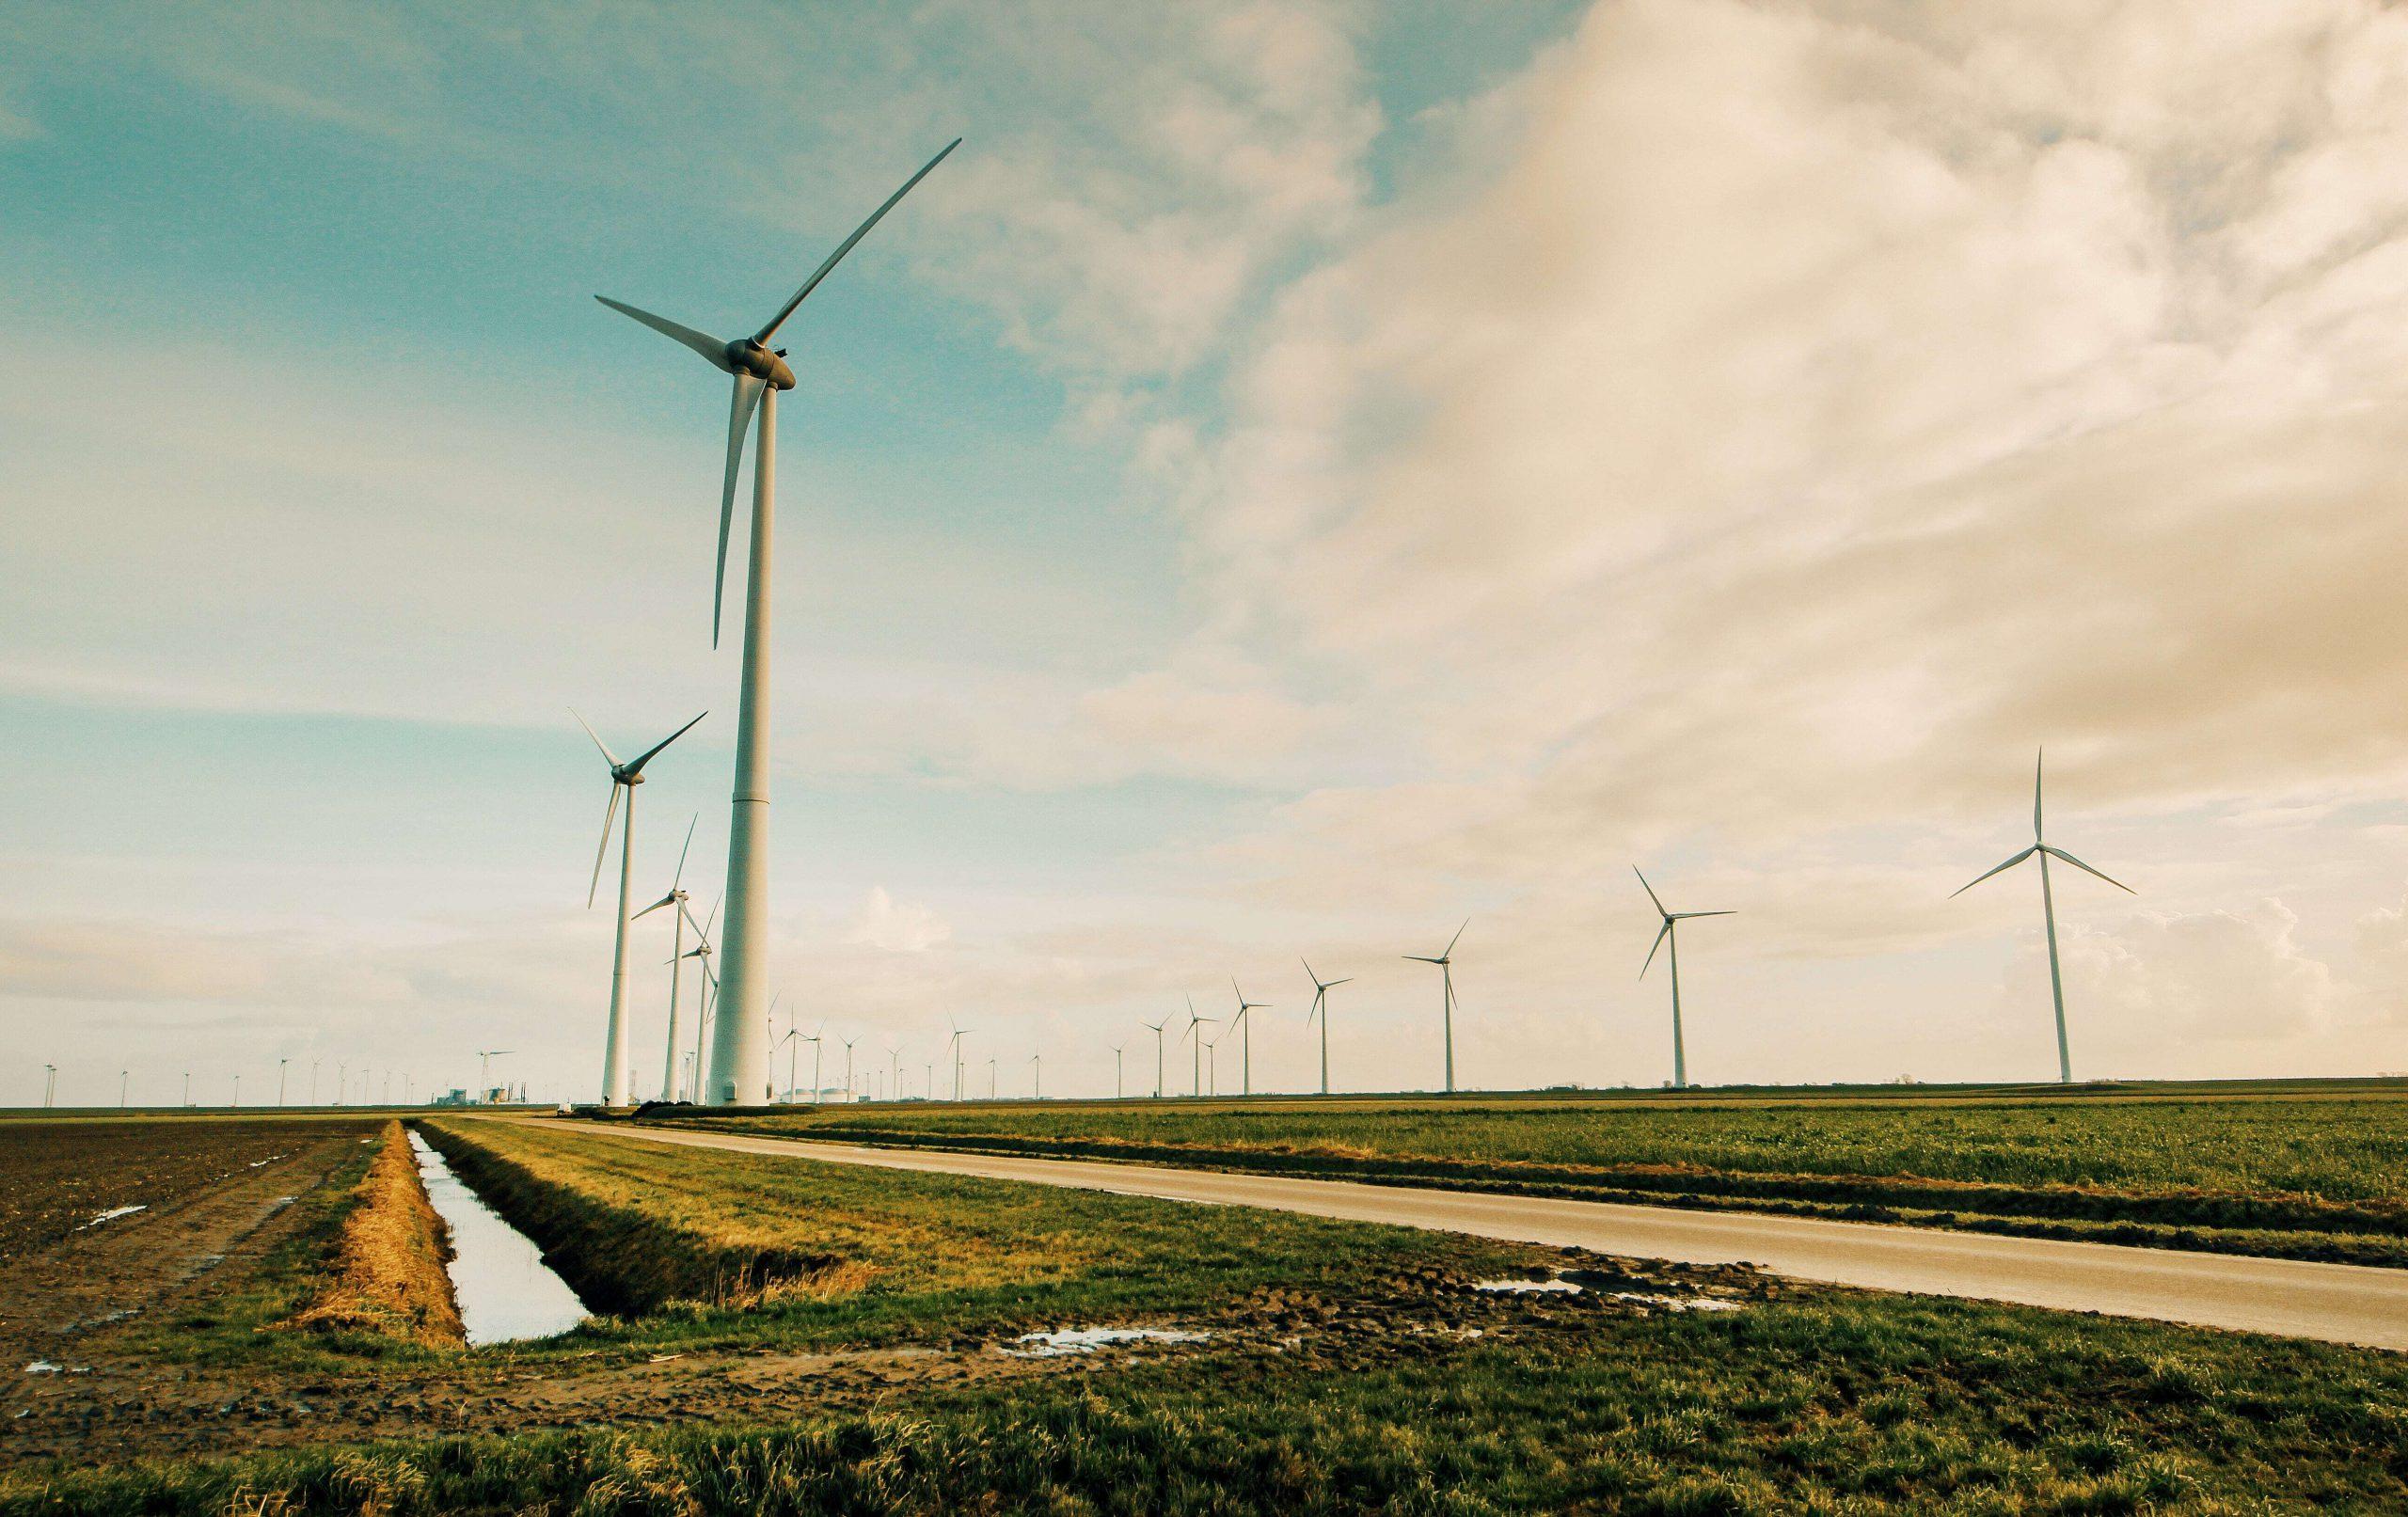 windmolens of zonne-energie? De voor- en nadelen van beide